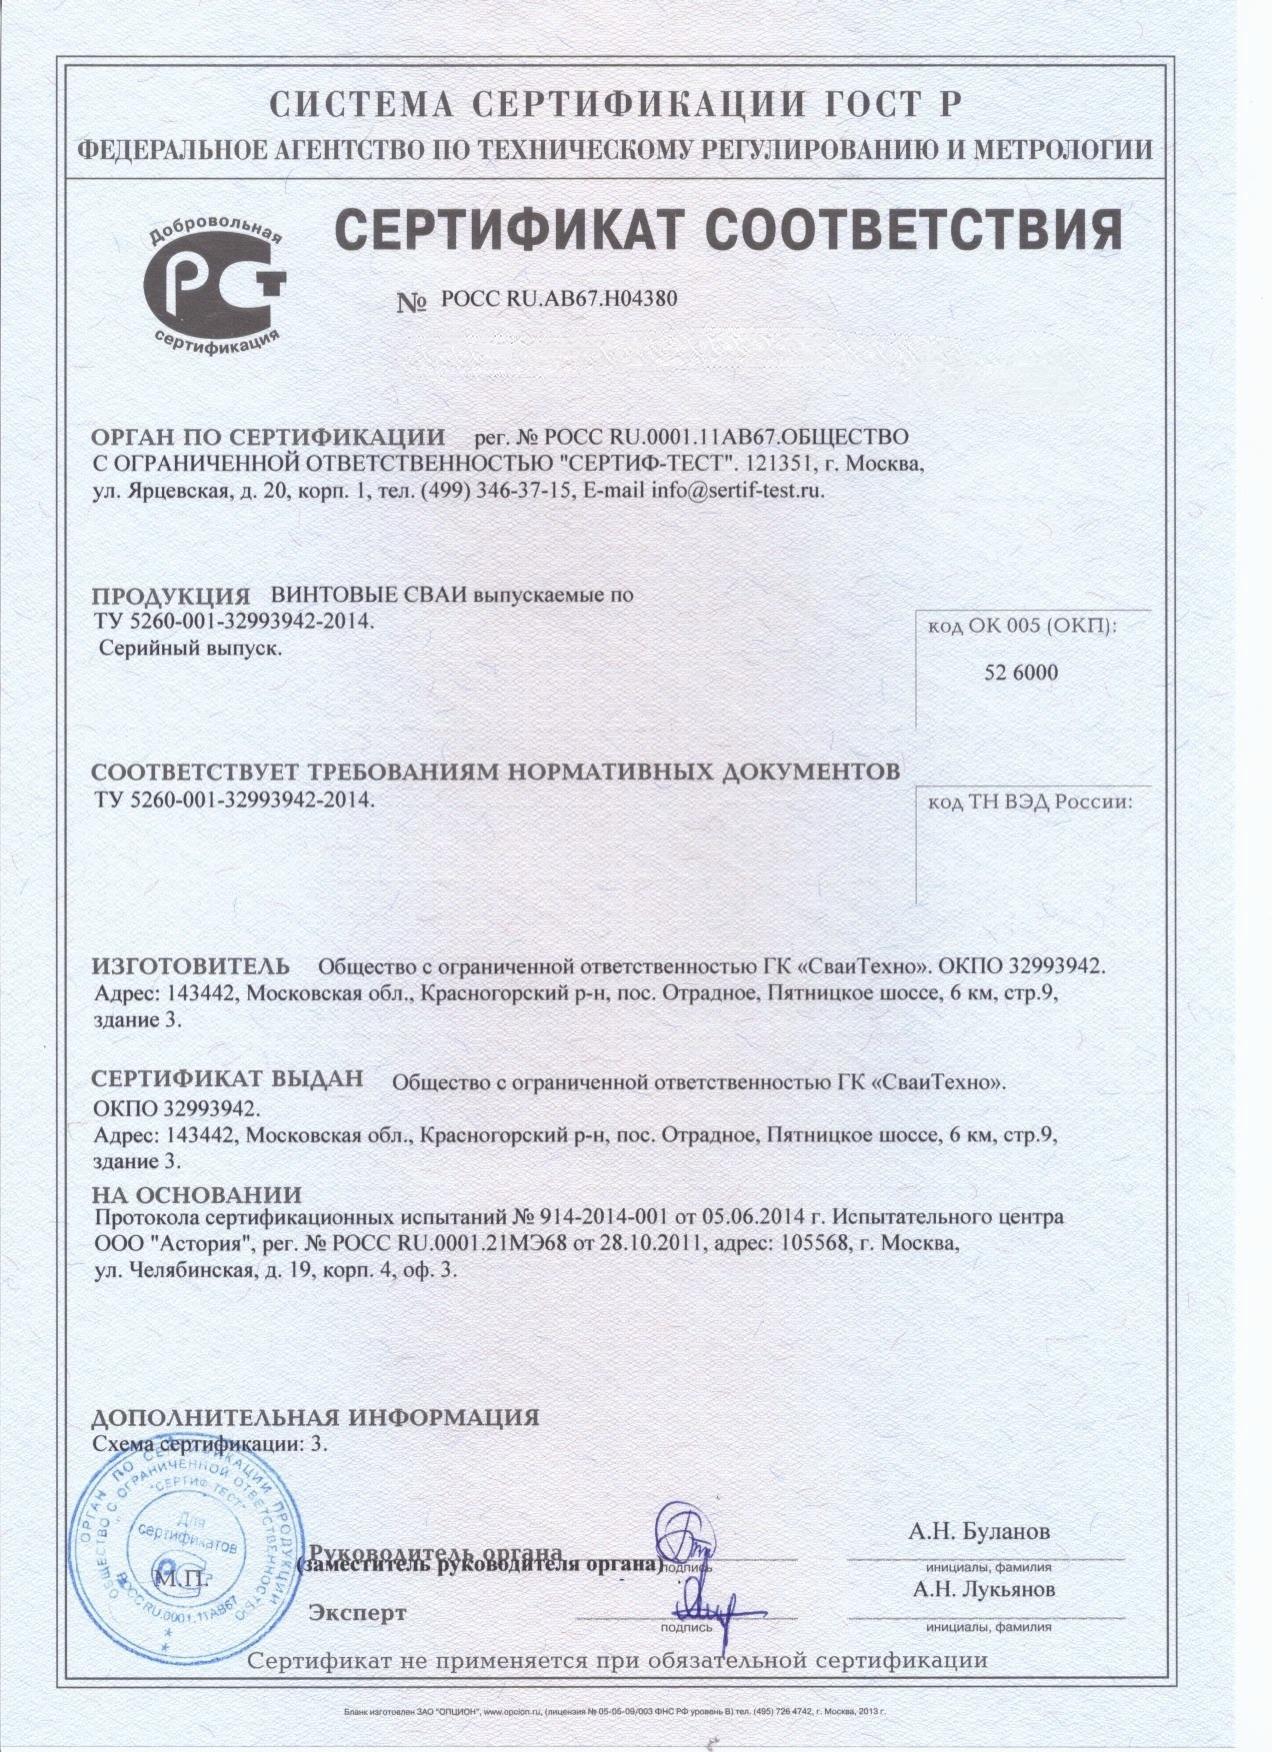 Винтовые сваи - сертификат соответствия